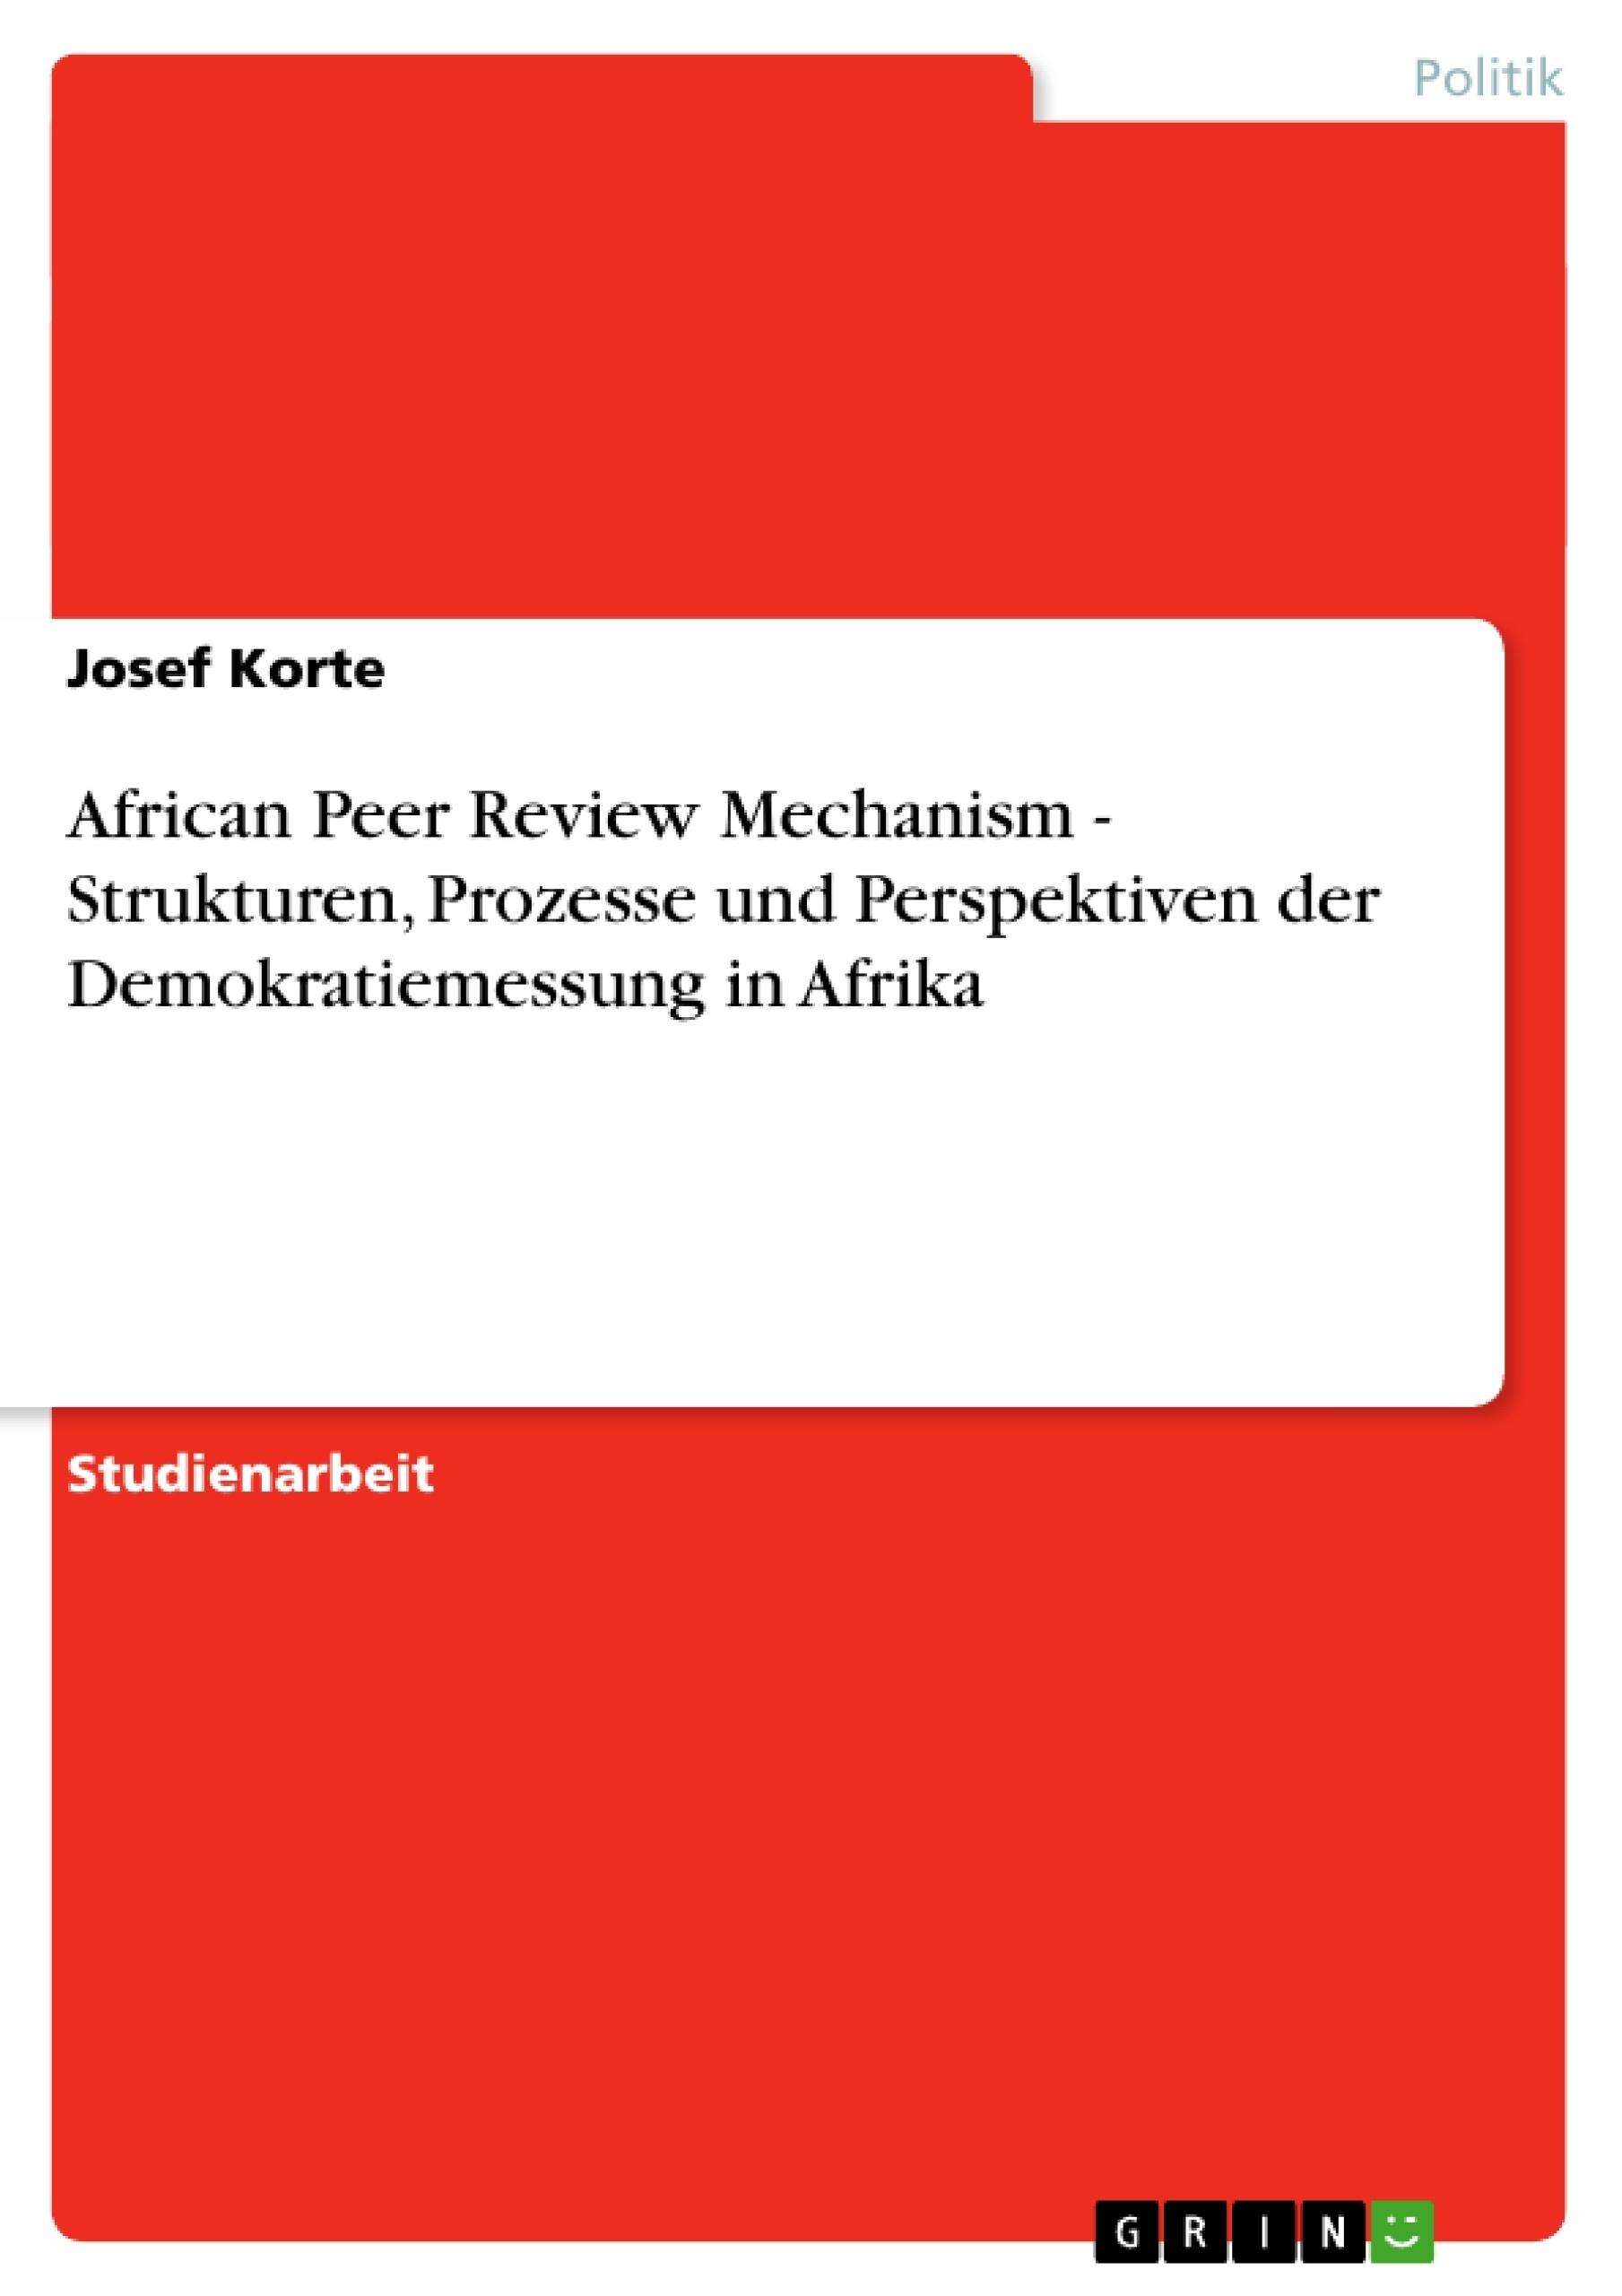 Titel: African Peer Review Mechanism - Strukturen, Prozesse und Perspektiven der Demokratiemessung in Afrika